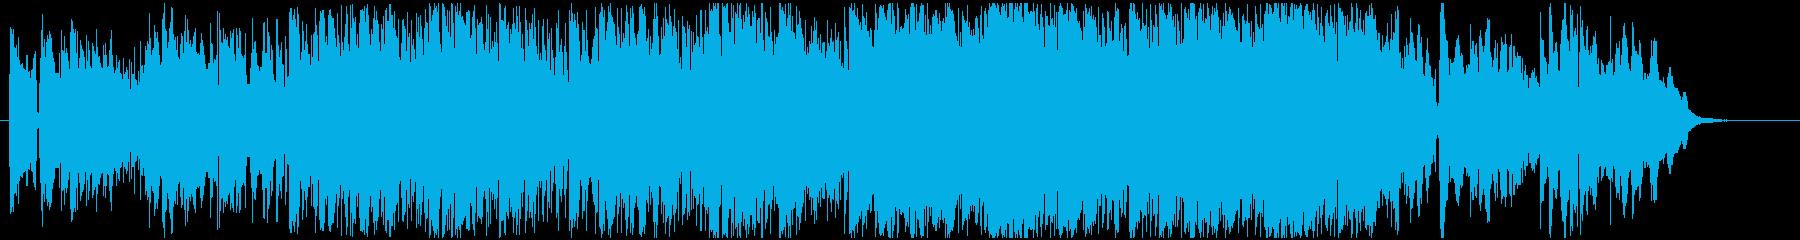 エレピ、ボコーダーの緩急あるヒップホップの再生済みの波形